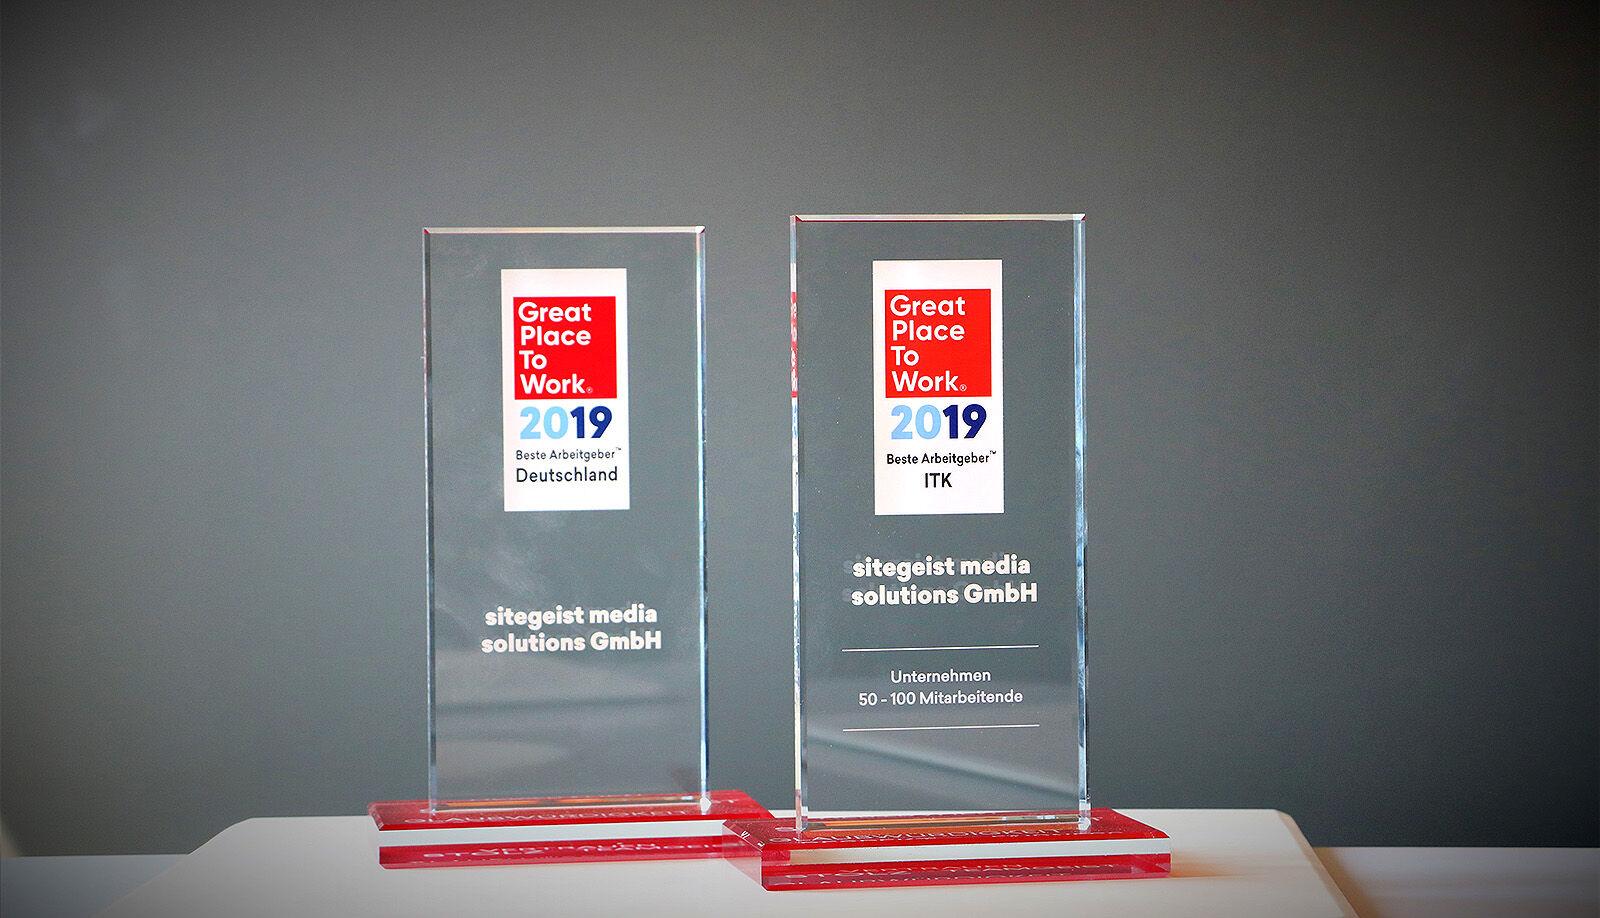 Auszeichnung: Wir sind ein Great Place to Work